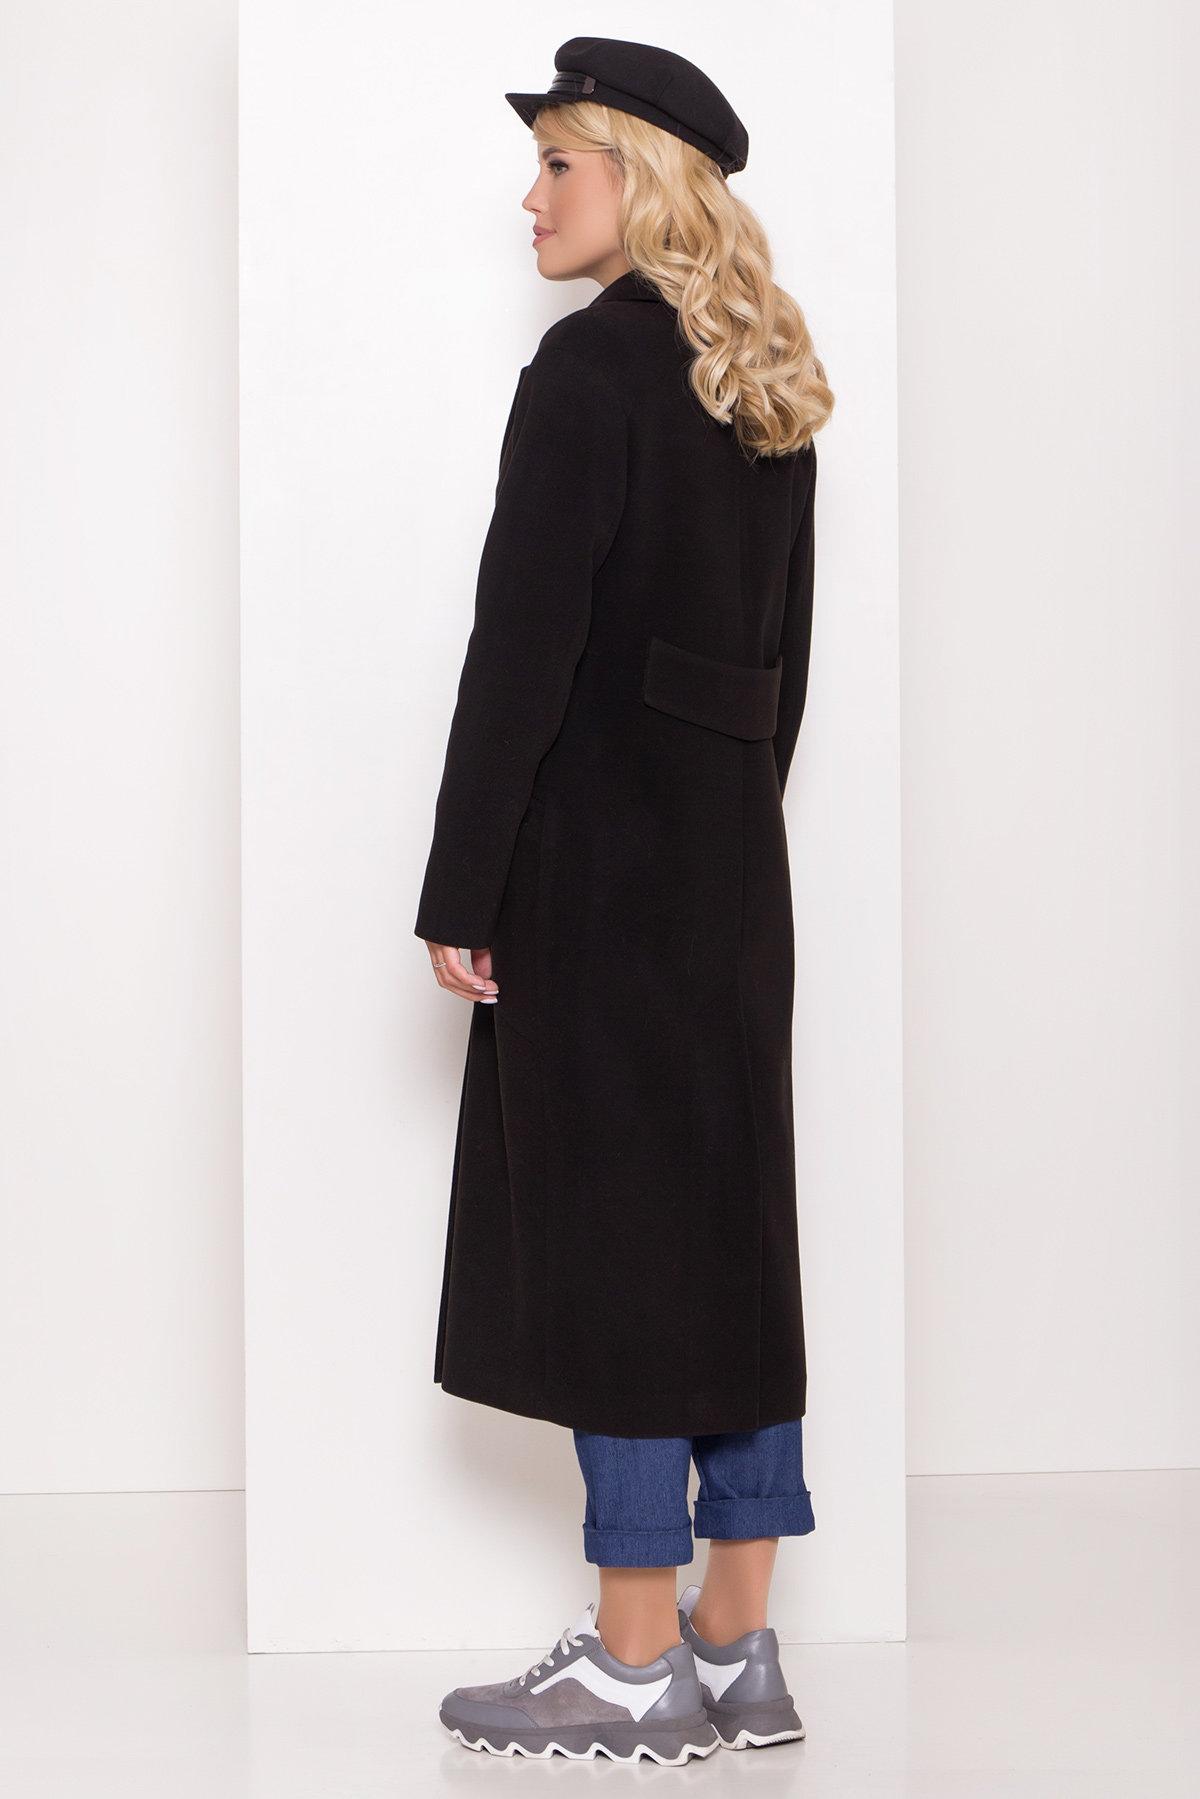 Длинное демисезонное пальто Ждана лайт 8111 АРТ. 44060 Цвет: чёрный - фото 3, интернет магазин tm-modus.ru